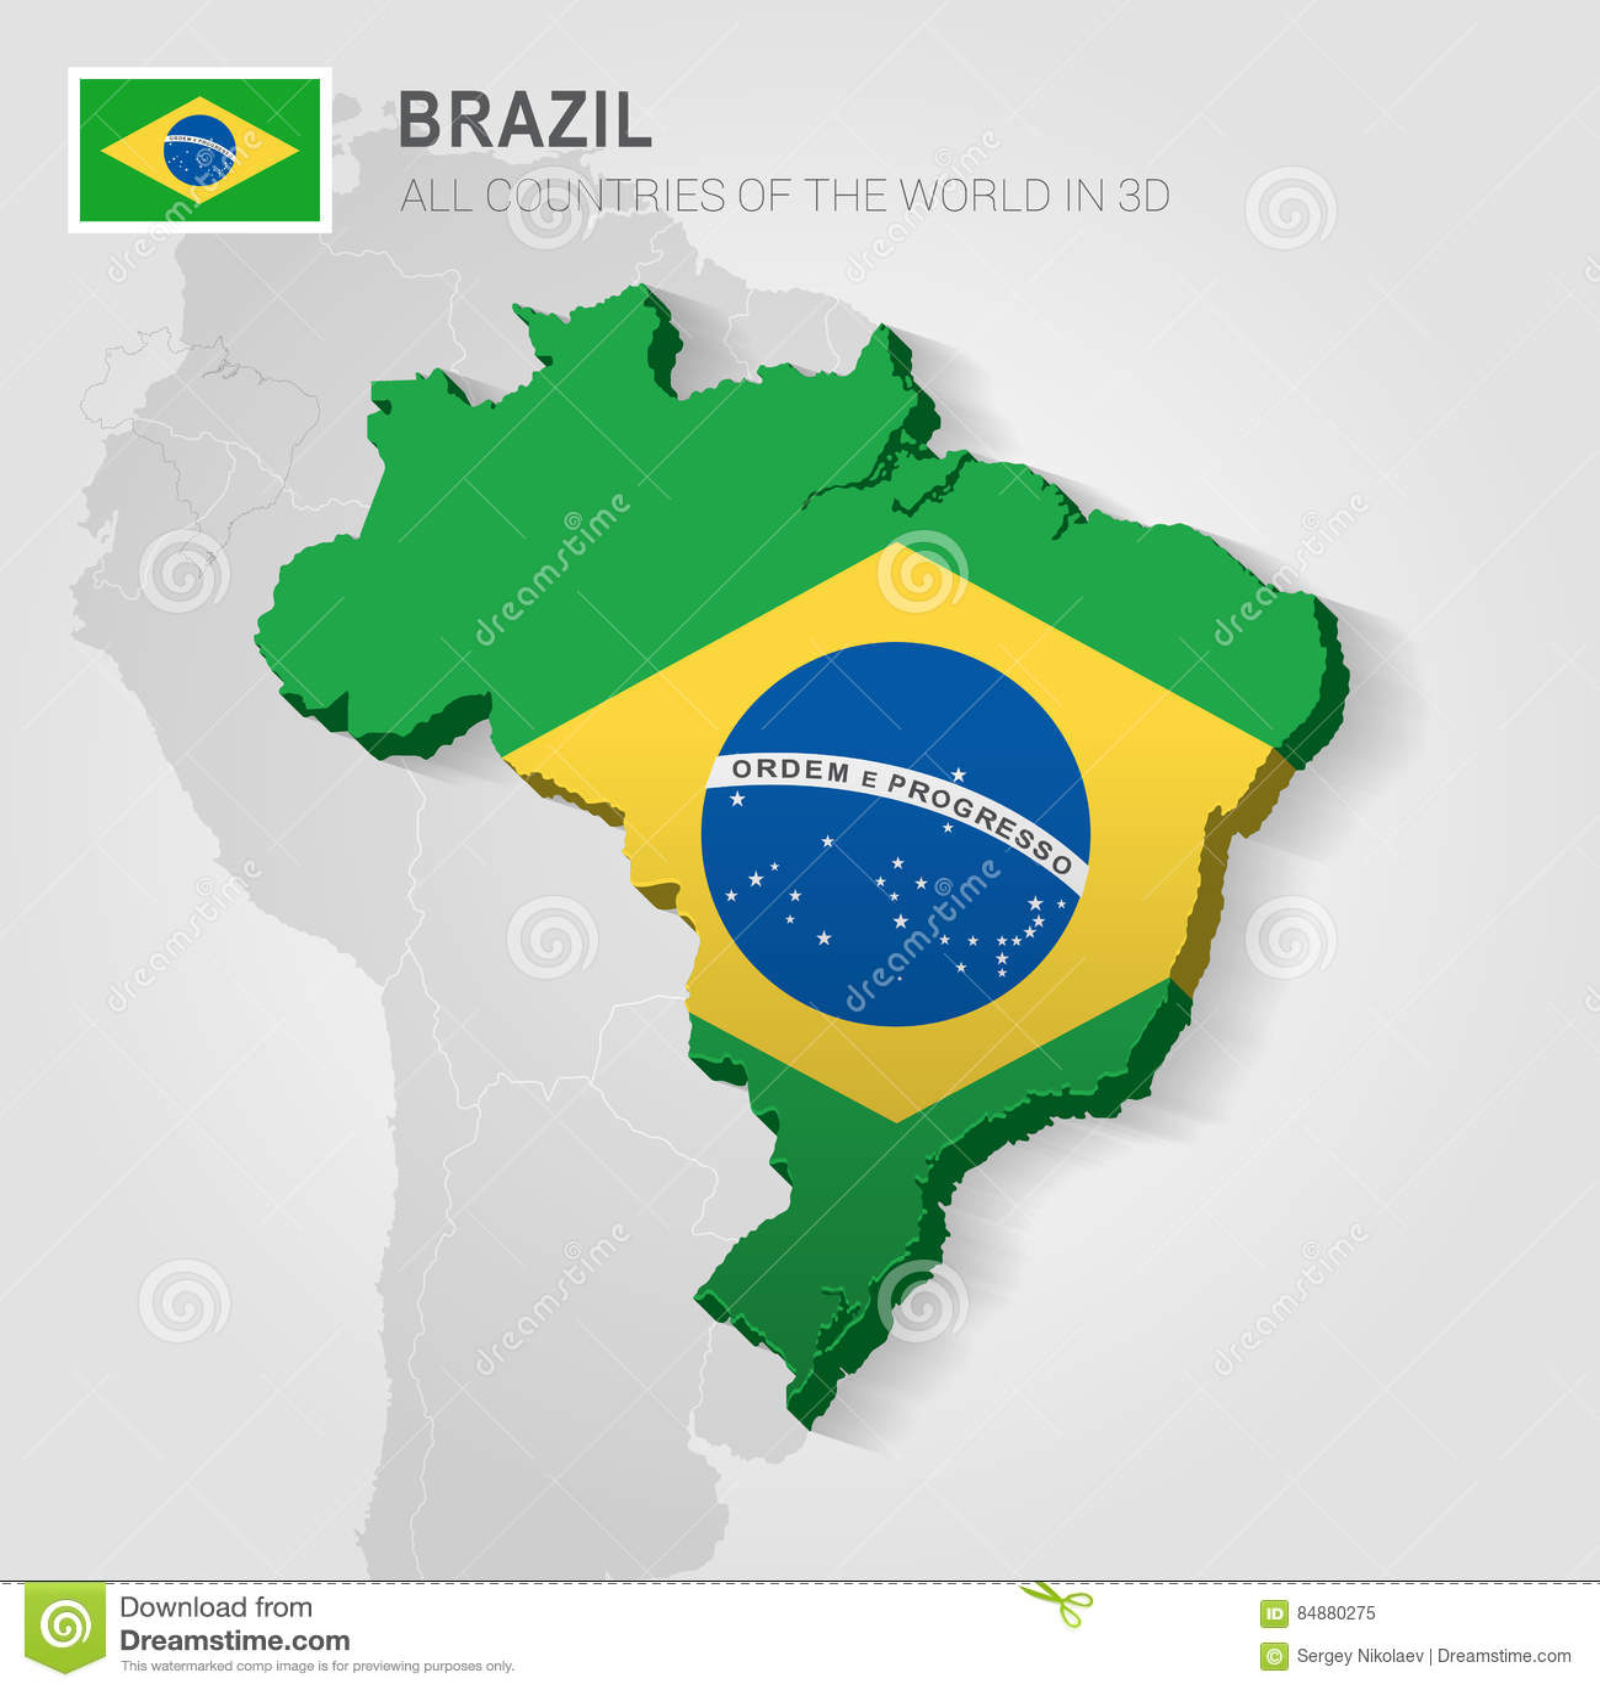 Brasilien Karte Welt.Brasilien Gezeichnet Auf Graue Karte Vektor Abbildung Illustration